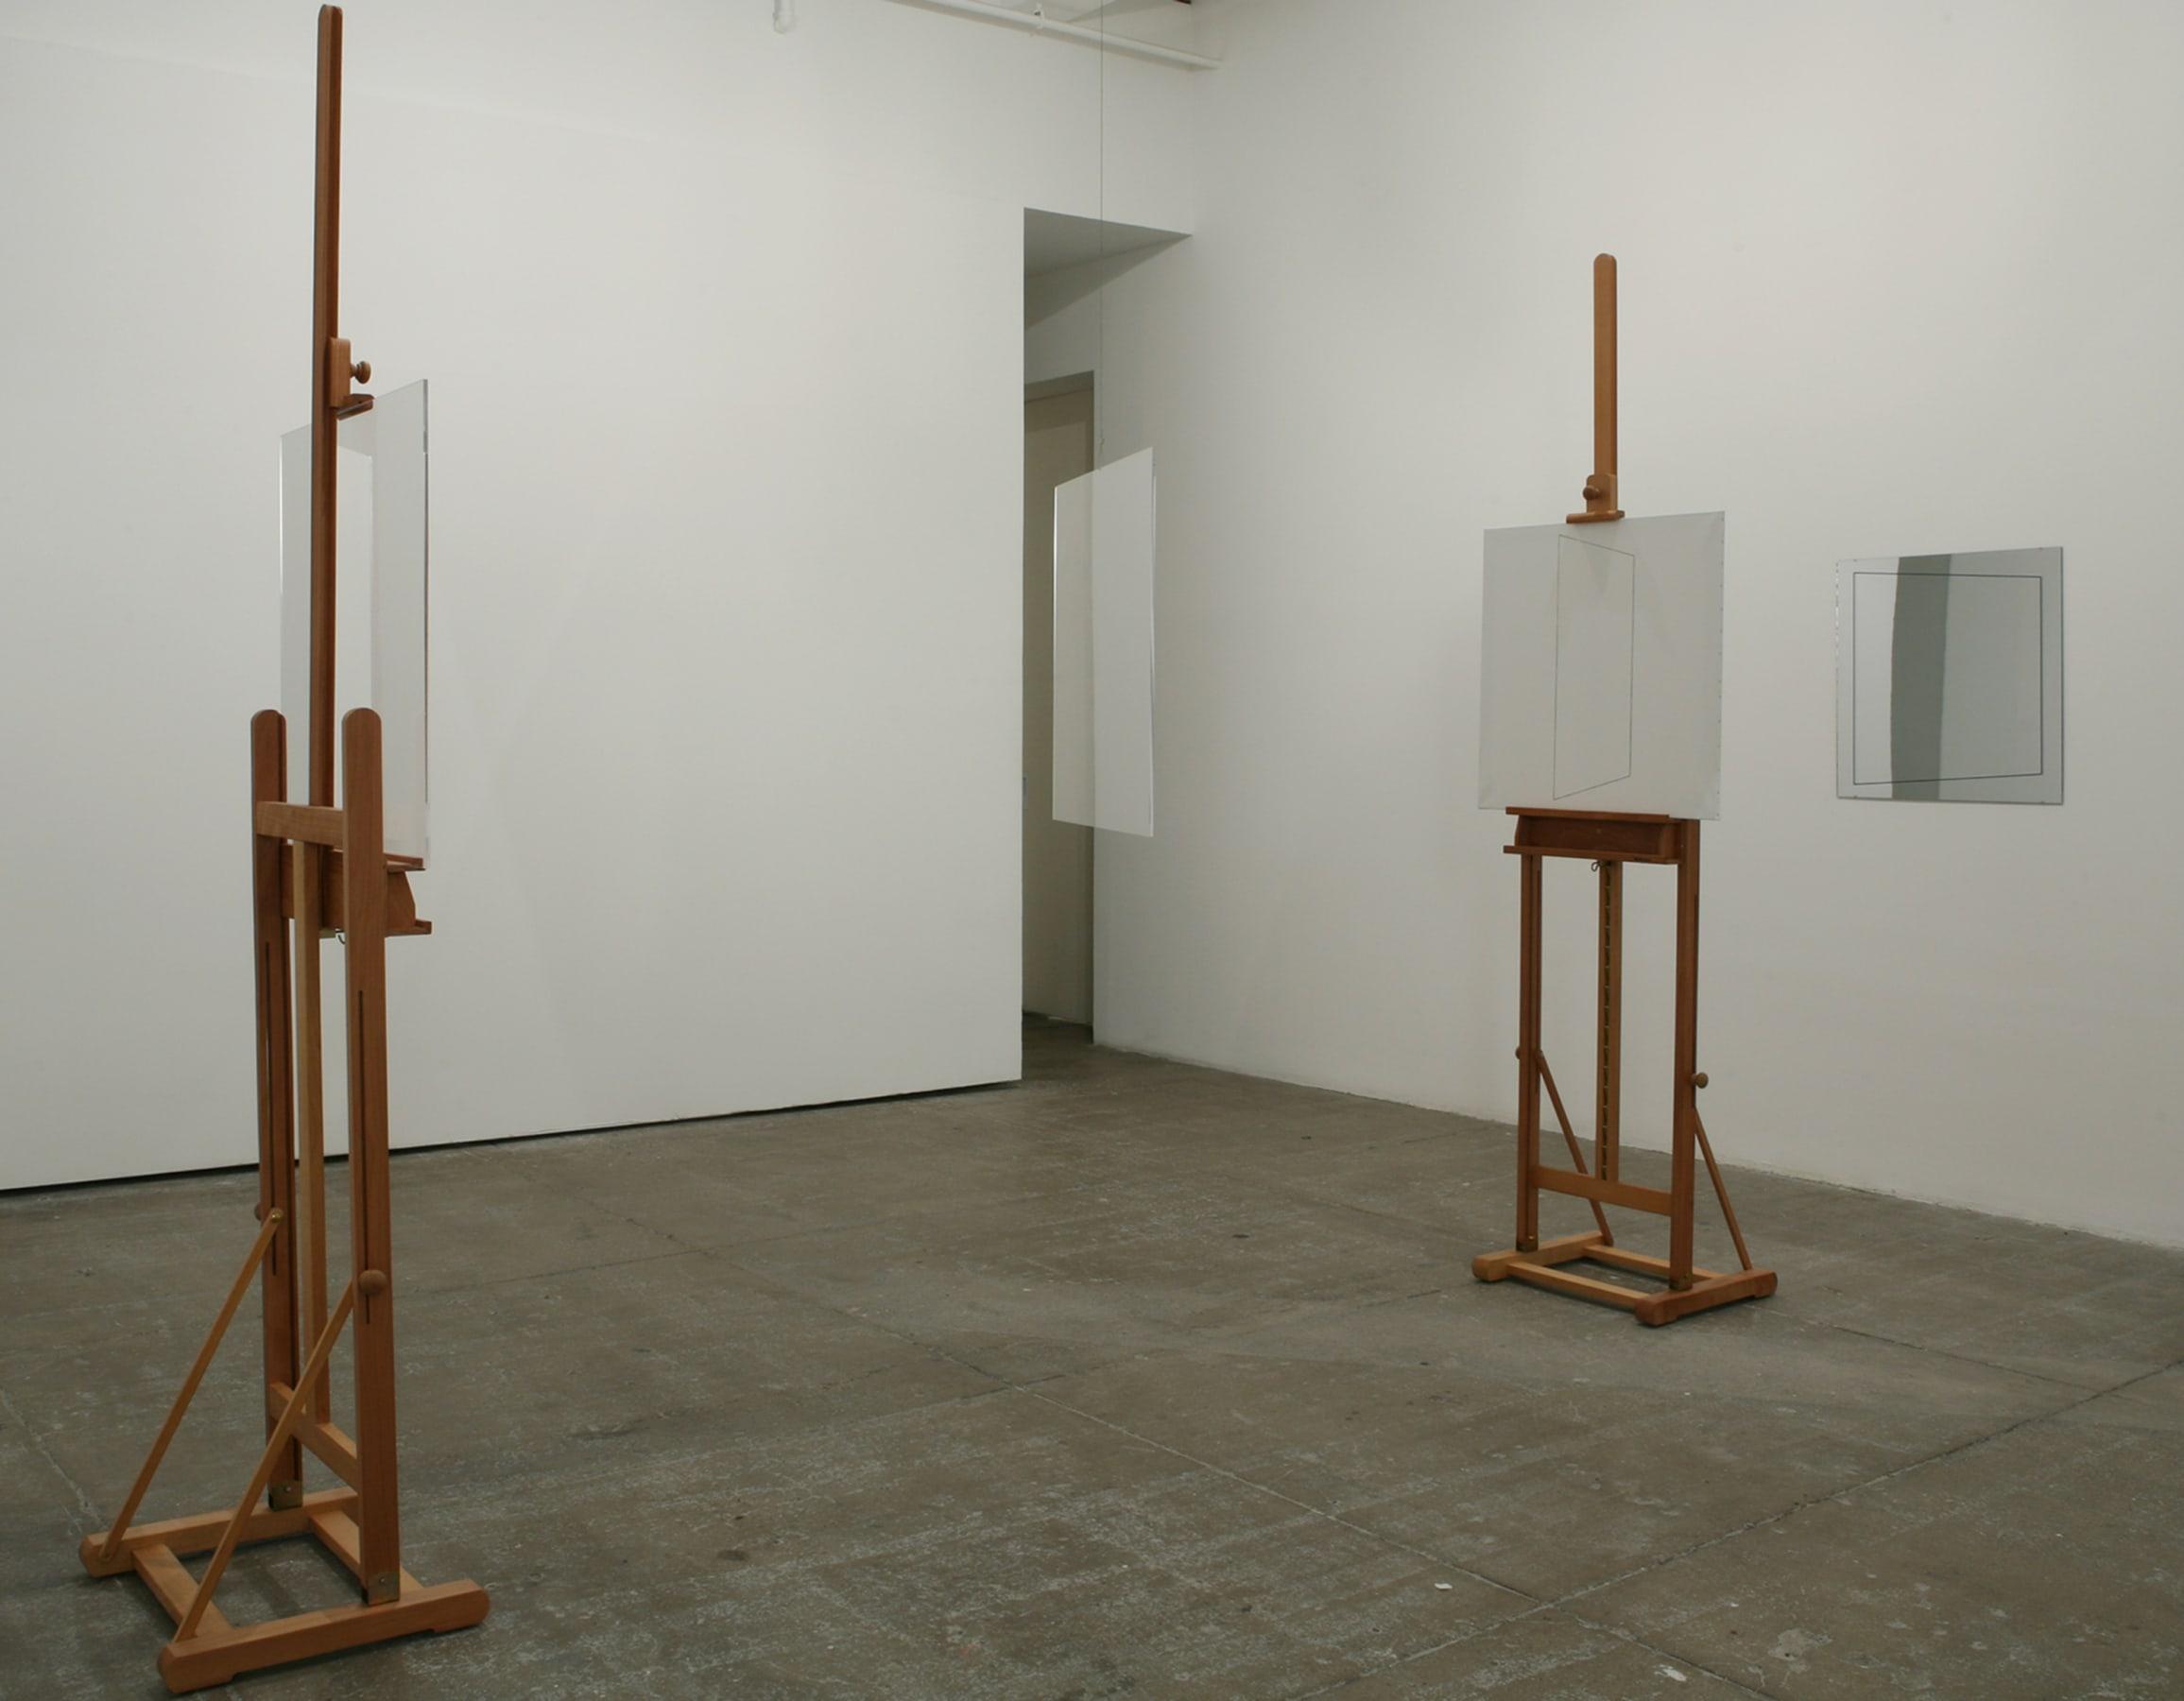 Giulio Paolini, L'opera autentica (The Authentic Work), 2002-2006